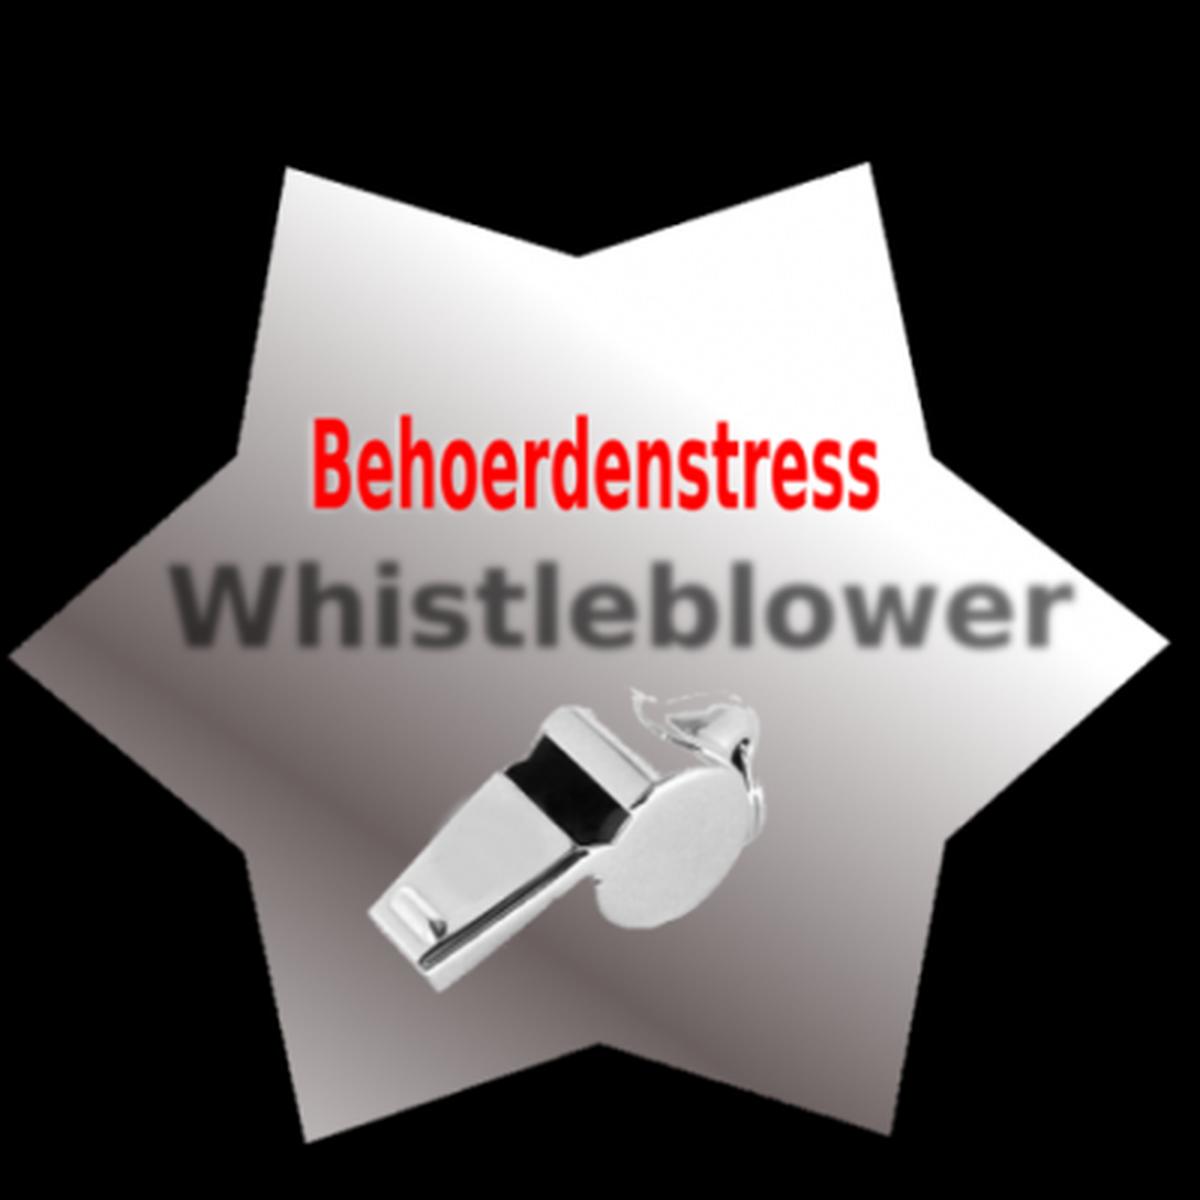 behoerdenstress